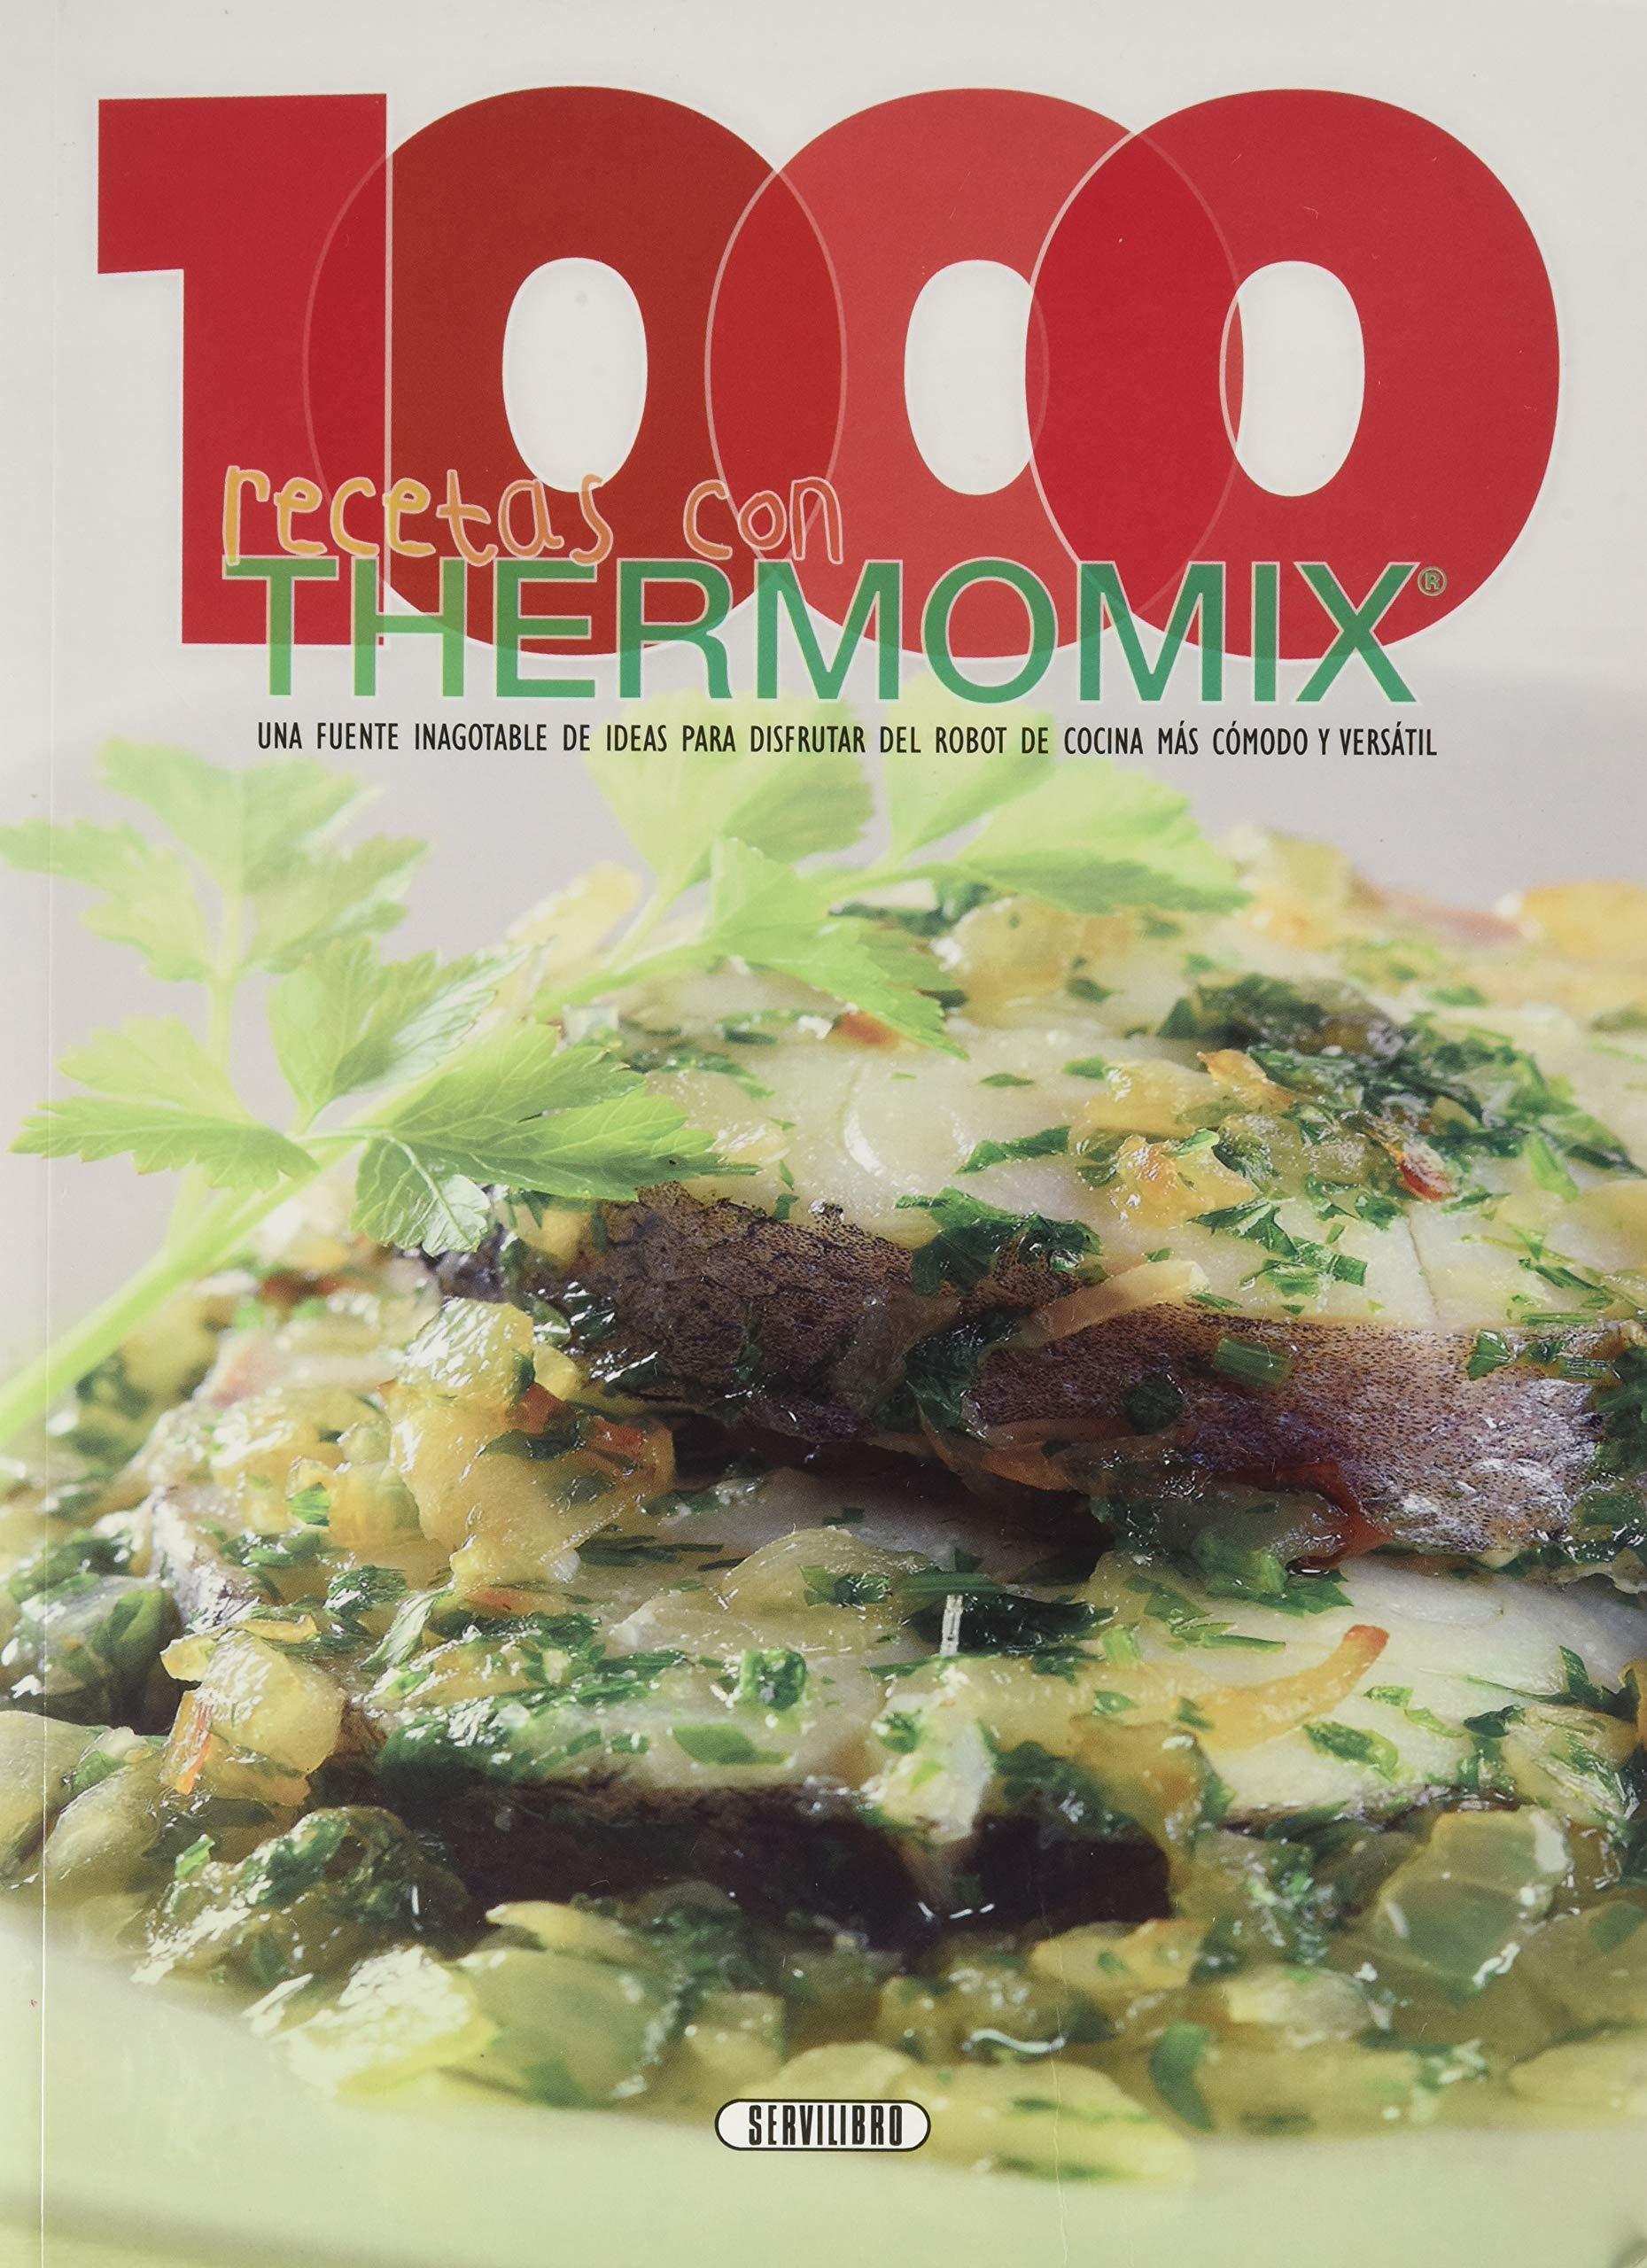 1000 recetas con Thermomix: Amazon.es: Equipo de Servilibro: Libros